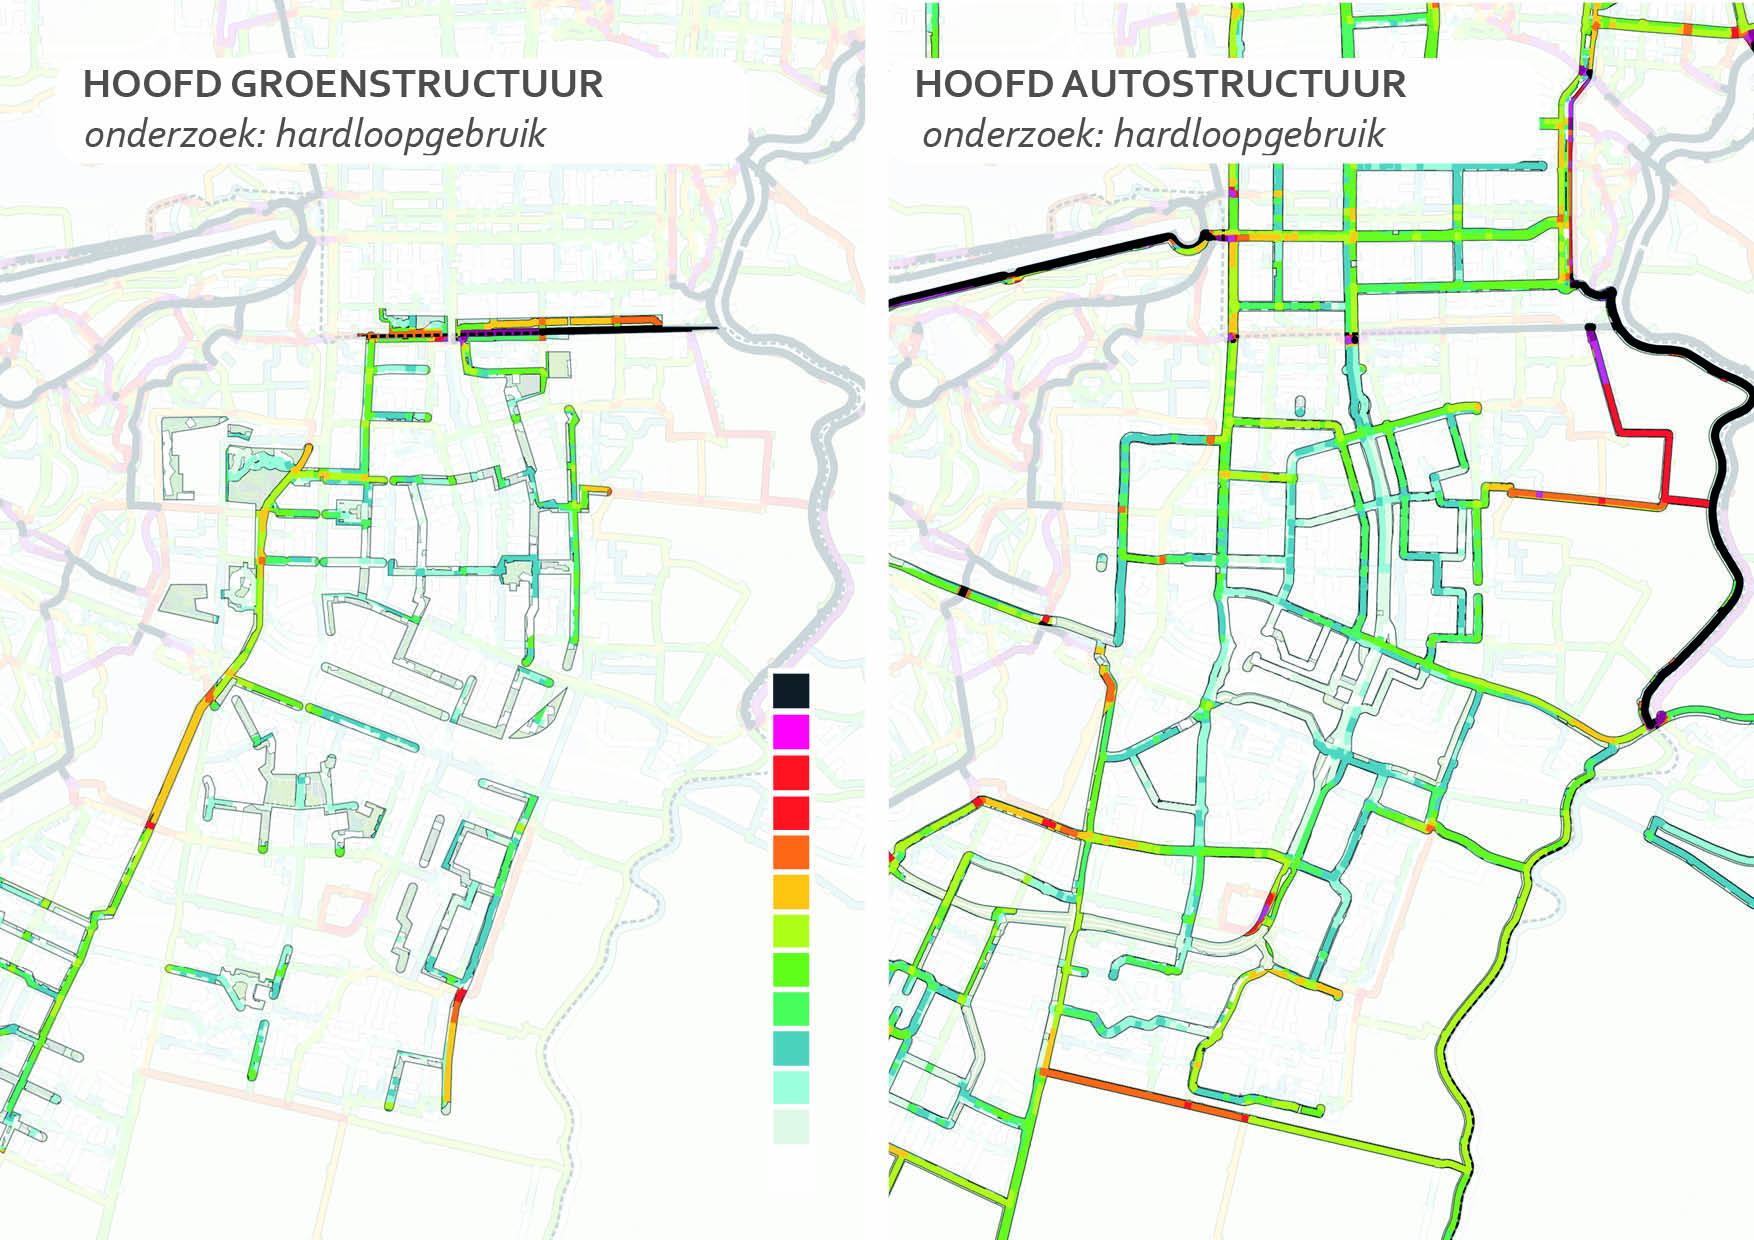 Amstelveen app data hardlopen ruimtegebruik groenstructuren